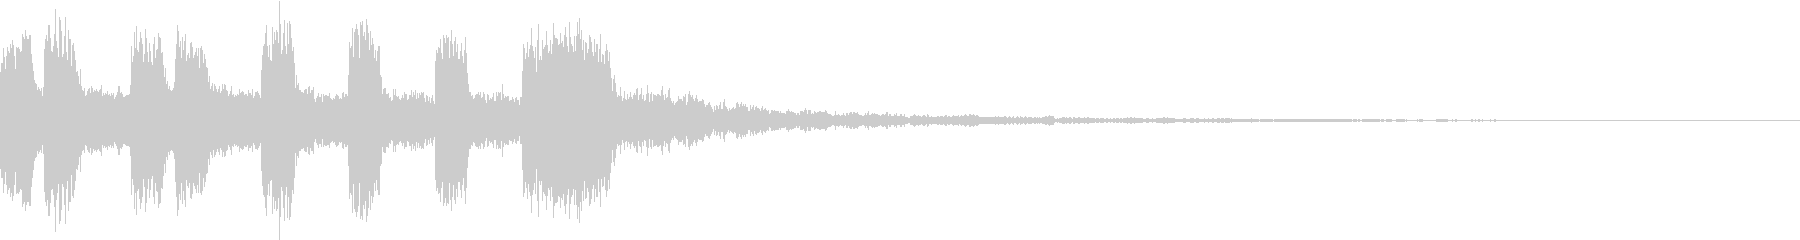 シンプル アナログ ファンファーレ 01の未再生の波形